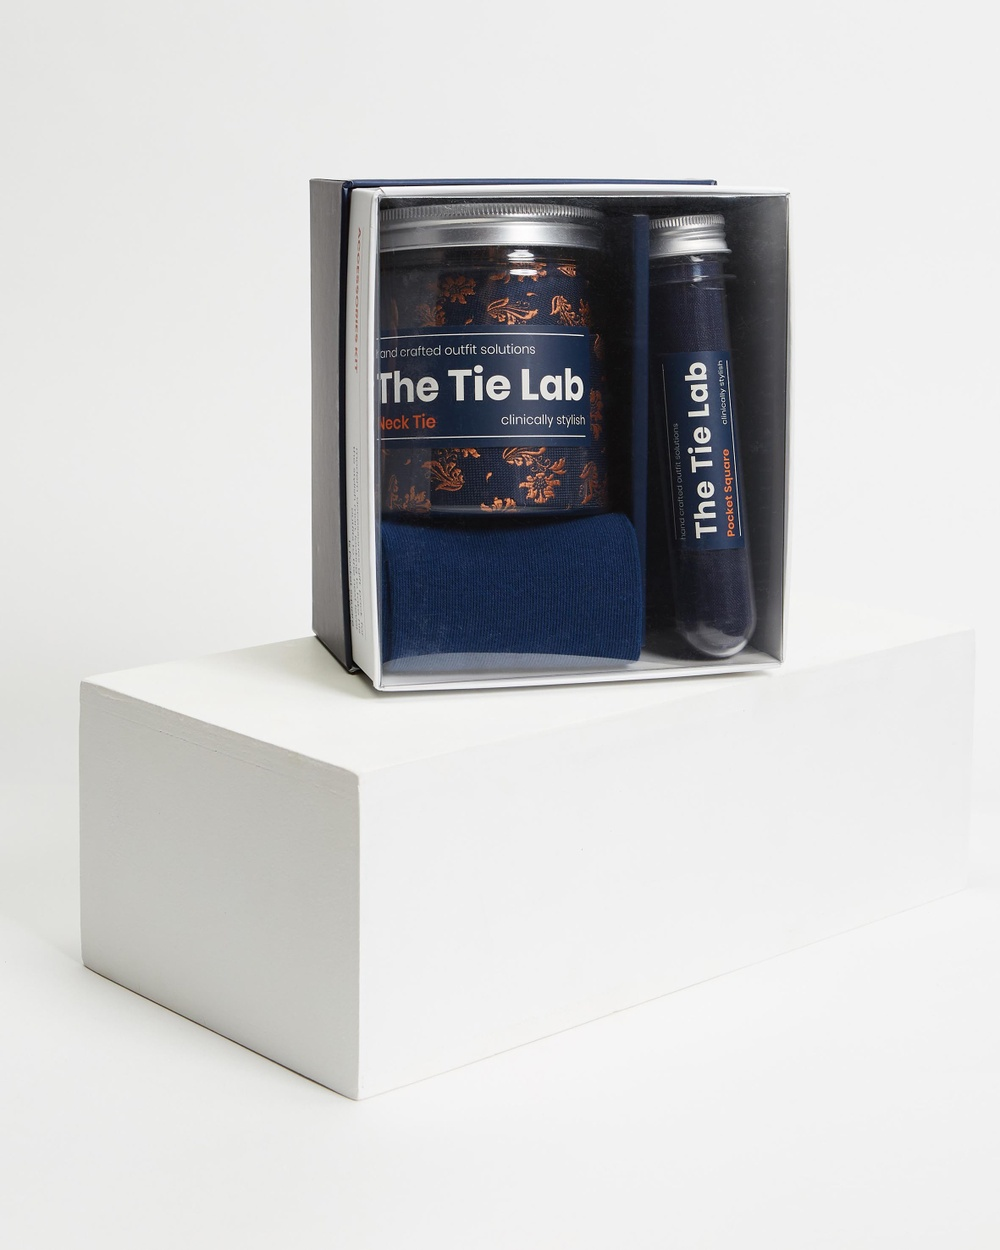 Tie Lab 3 Piece Gift Box Set Ties Orange & Blue 3-Piece Ties Australia